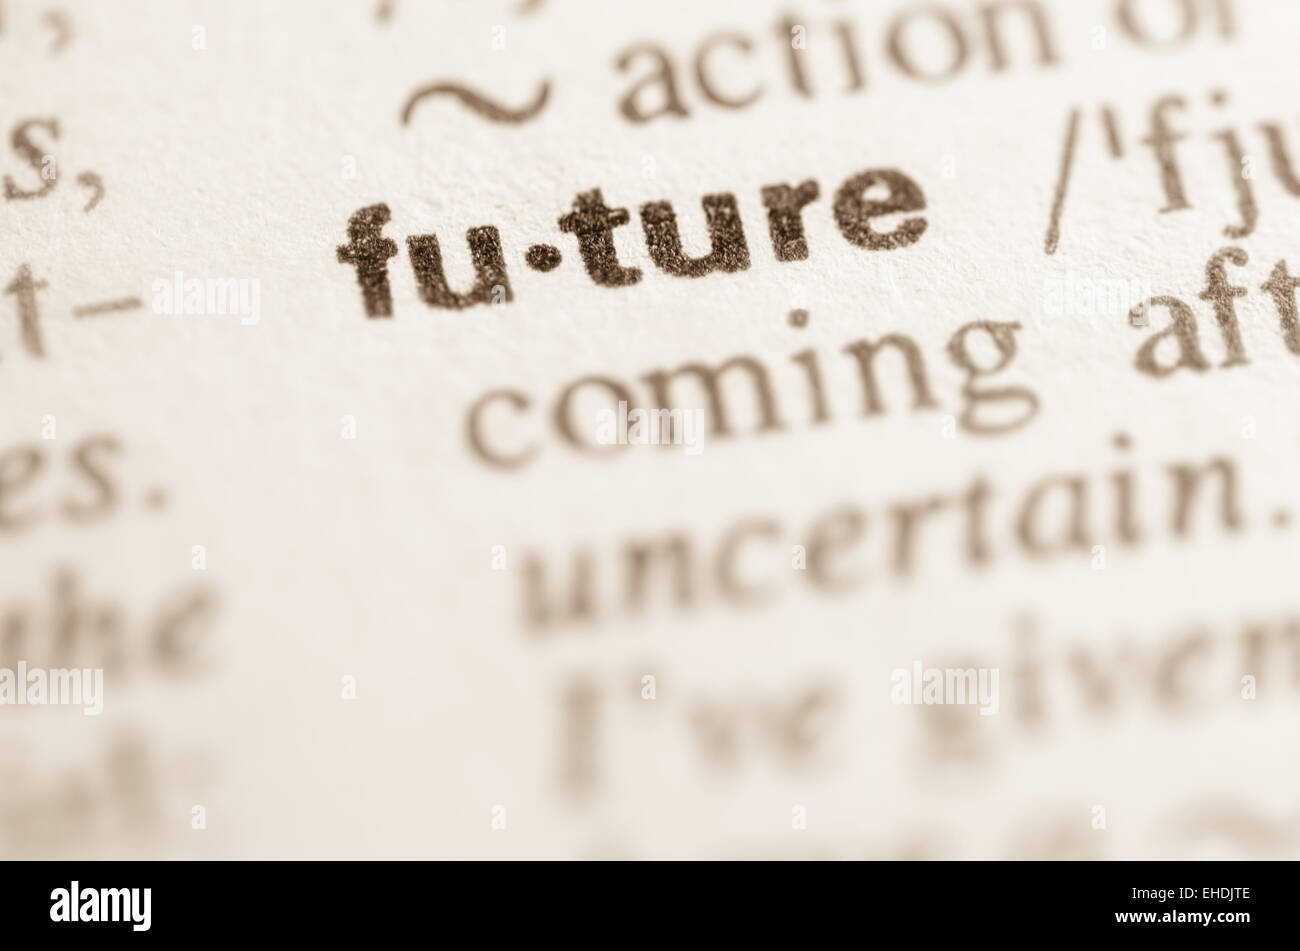 Definición de la palabra futuro en el diccionario. Imagen De Stock